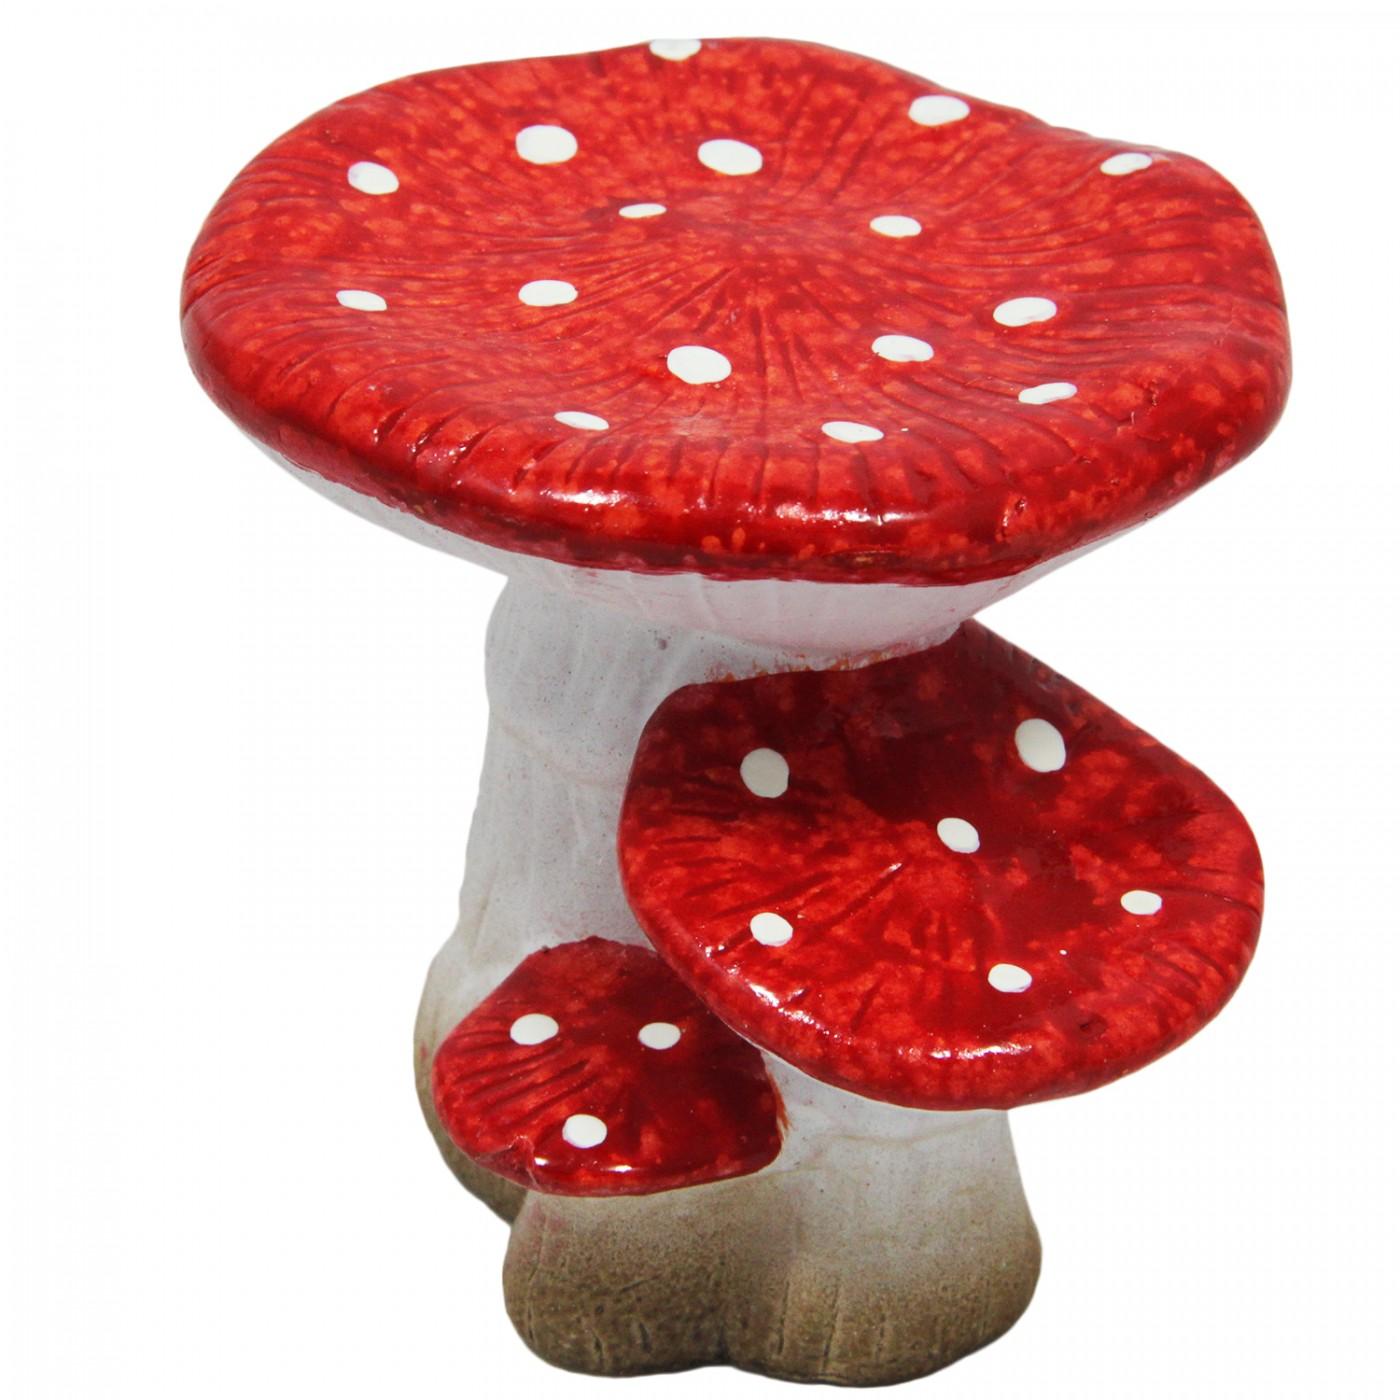 Figurka ozdobna grzybek z terakoty - mała dekoracja jesienna